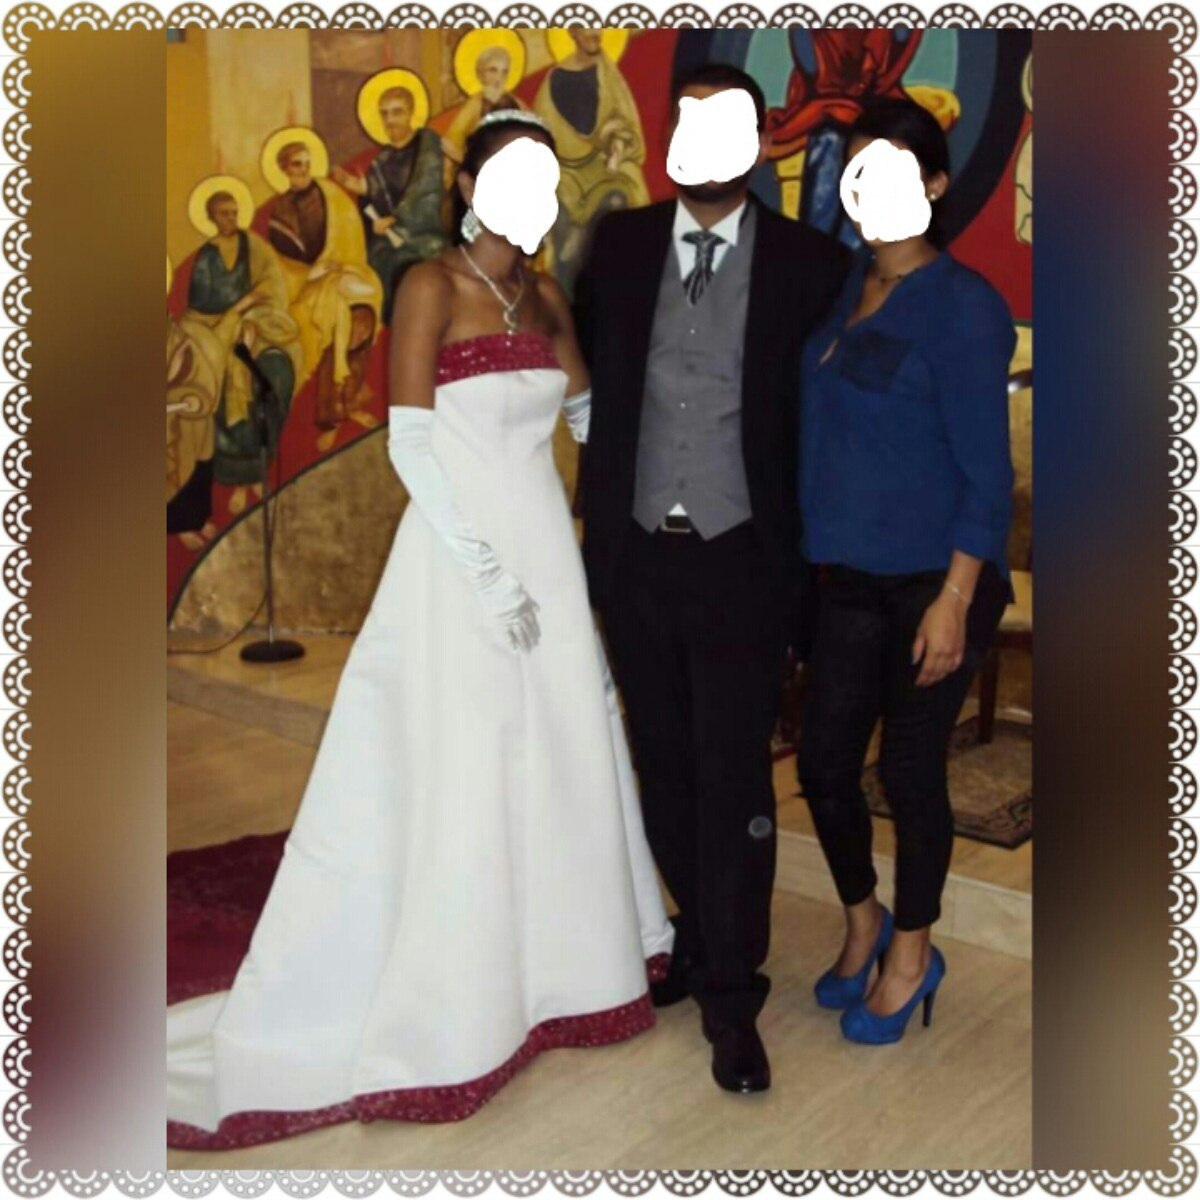 guapo brillante n color hombre Vestido De Novia David's Bridal Blanco Con Rojo - Bs. 100.000,00